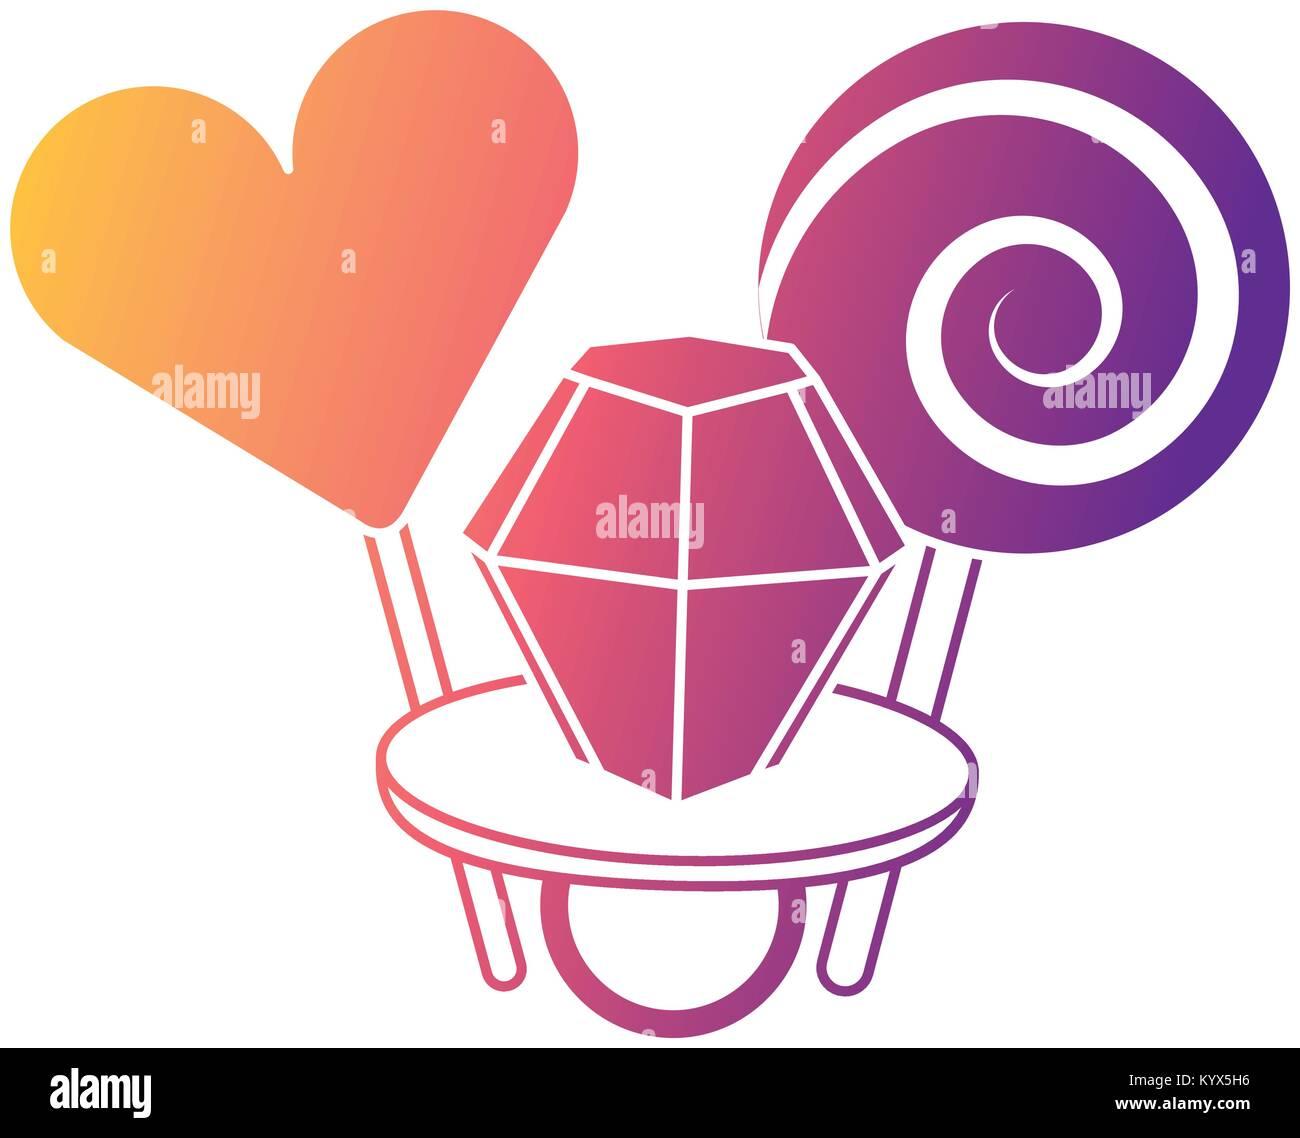 Cartoon Diamond Ring Stock Photos & Cartoon Diamond Ring Stock ...